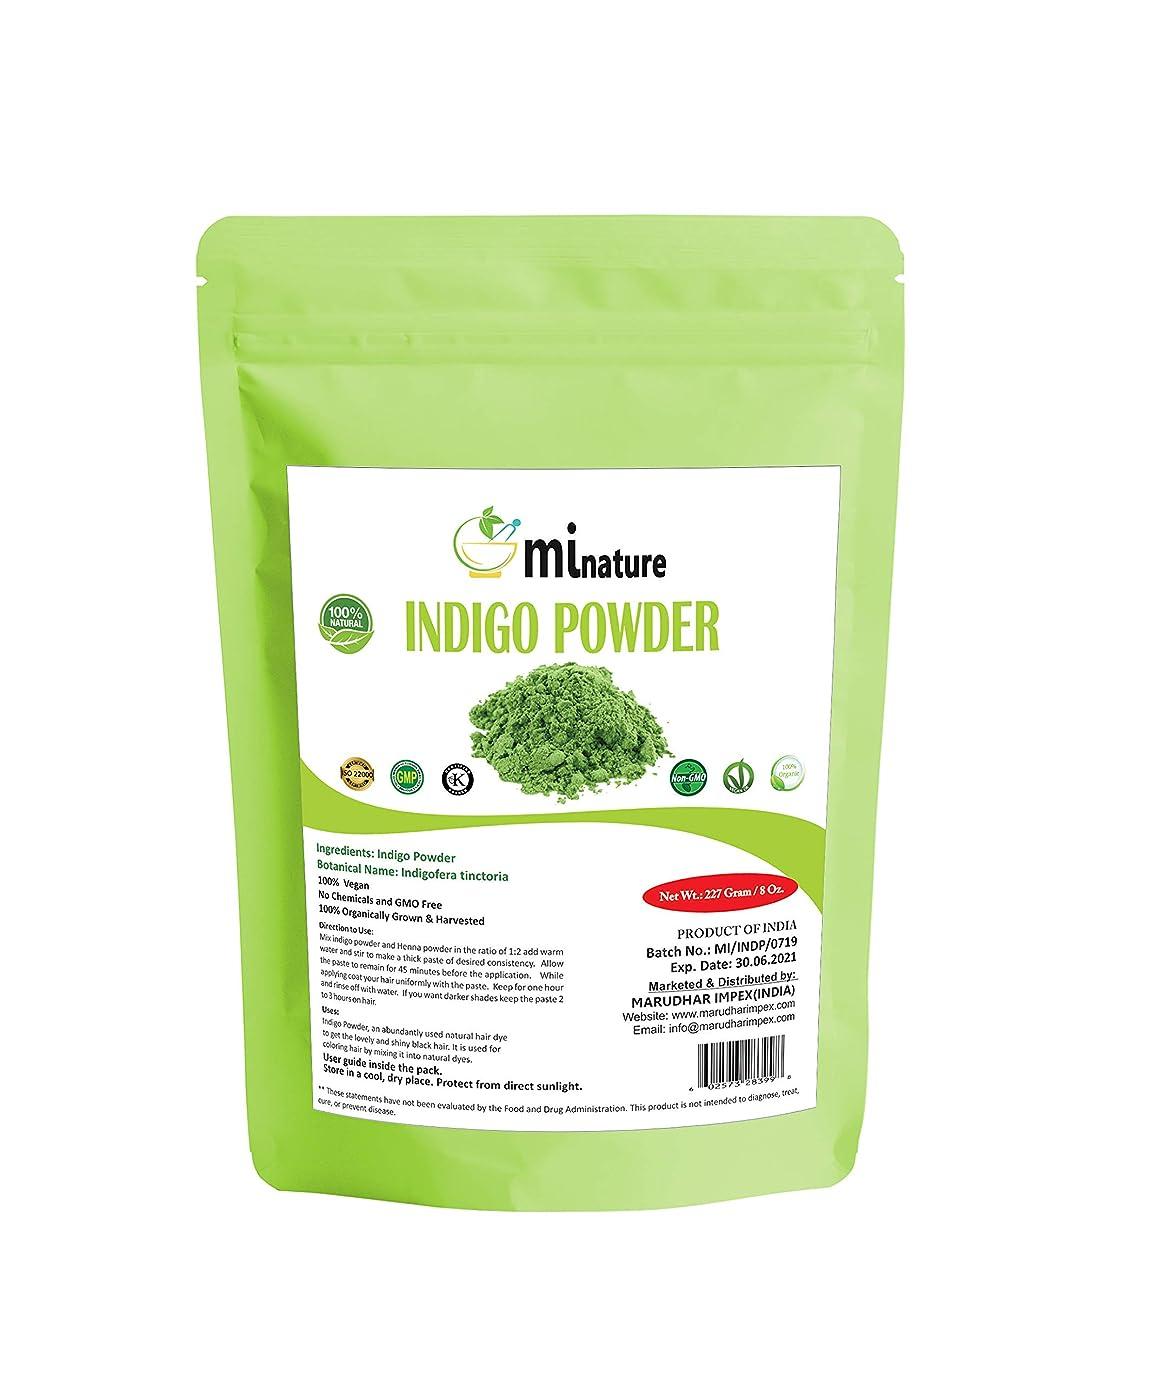 うぬぼれた信号治すmi nature Indigo Powder -INDIGOFERA TINCTORIA ,(100% NATURAL , ORGANICALLY GROWN ) 1/2 LB (227 grams) RESEALABLE BAG